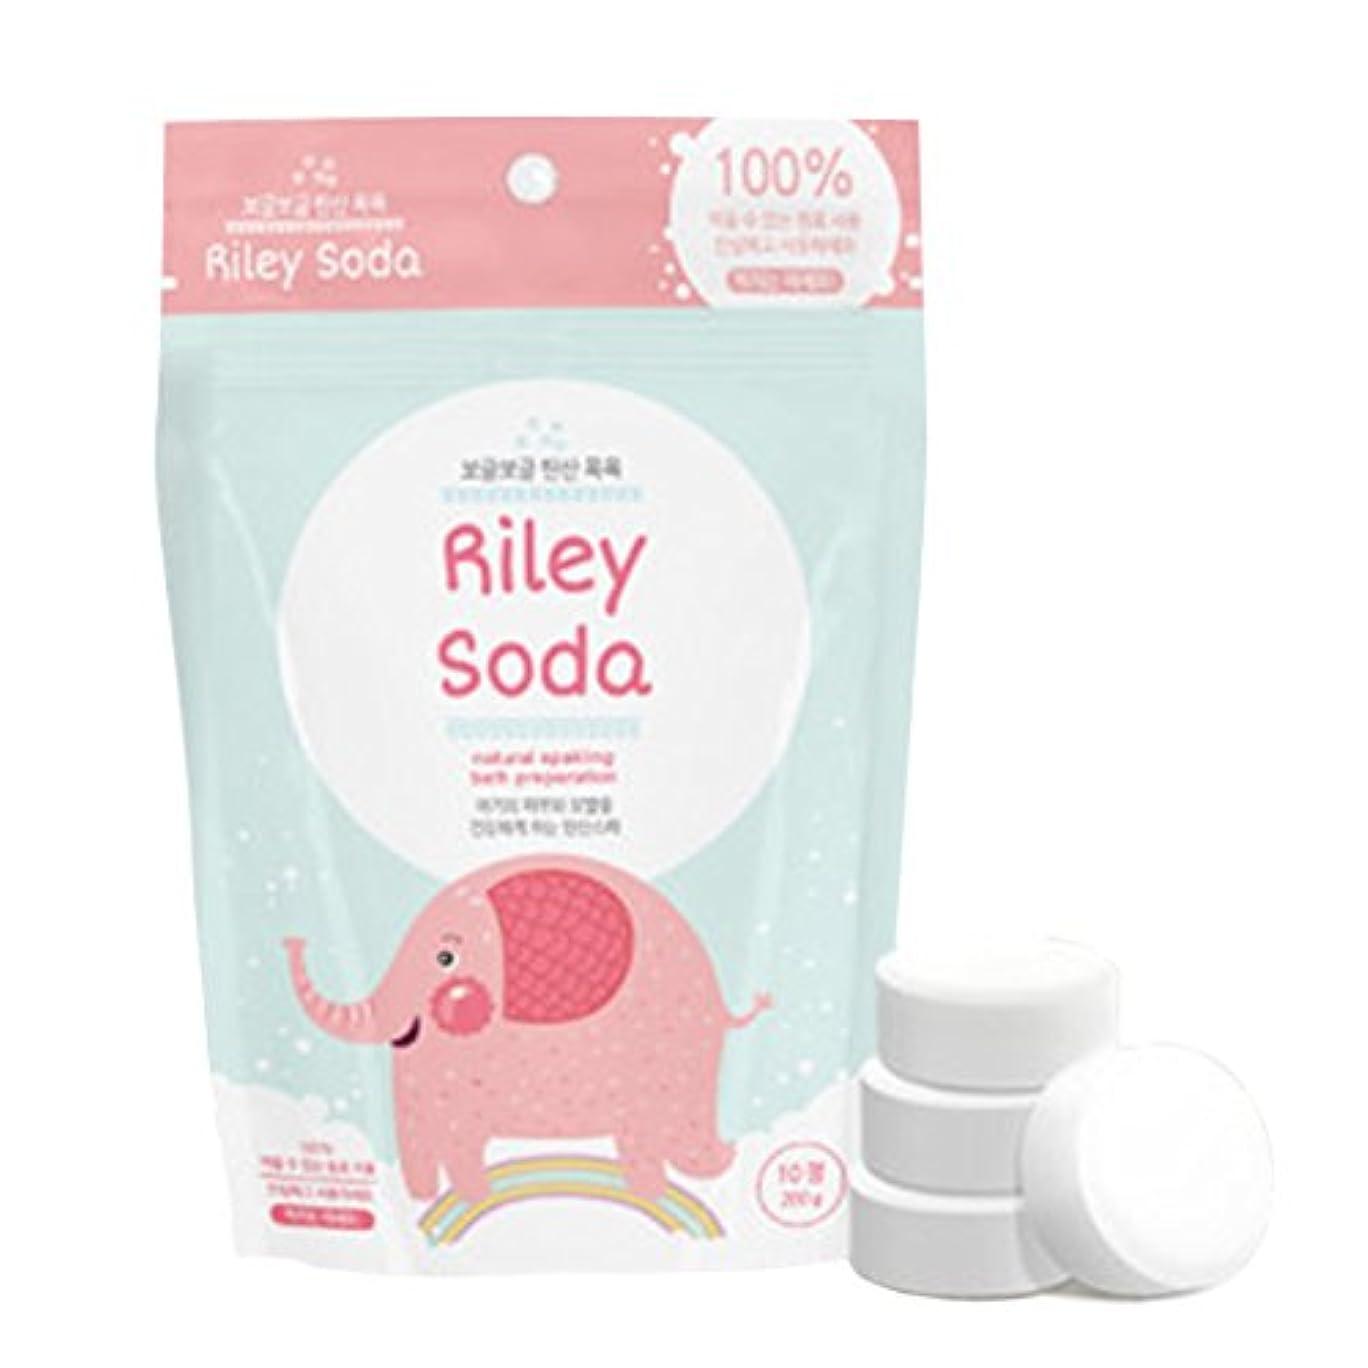 (リリーソ-ダ) Riley Soda アトピー赤ちゃん用炭酸温泉入浴剤 (10錠) [並行輸入品]